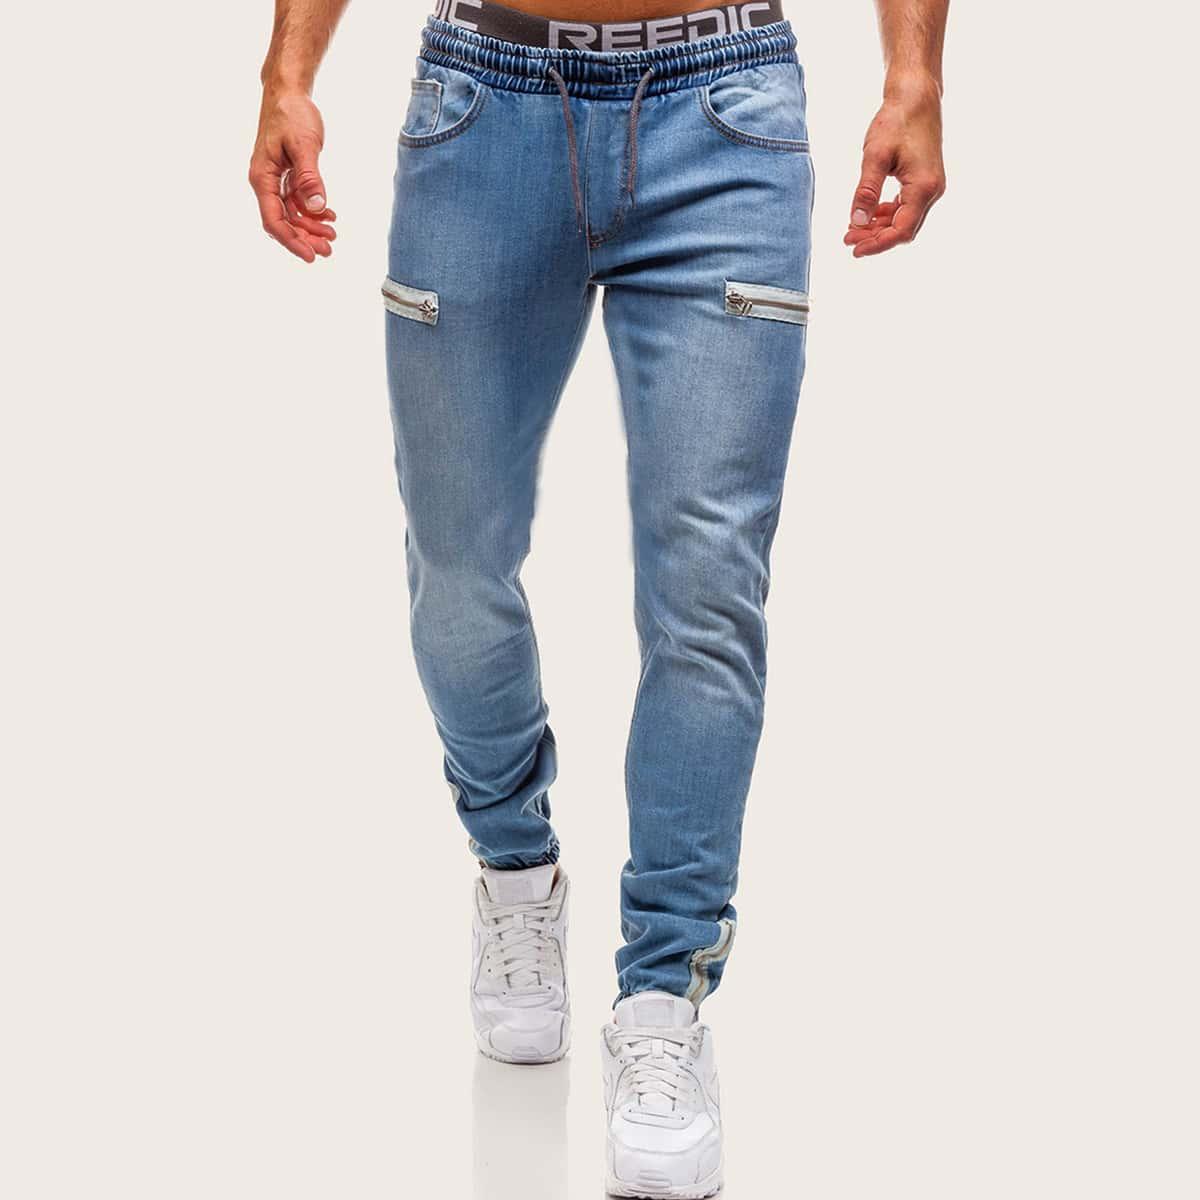 Blauw Casual Vlak Heren Jeans Zak